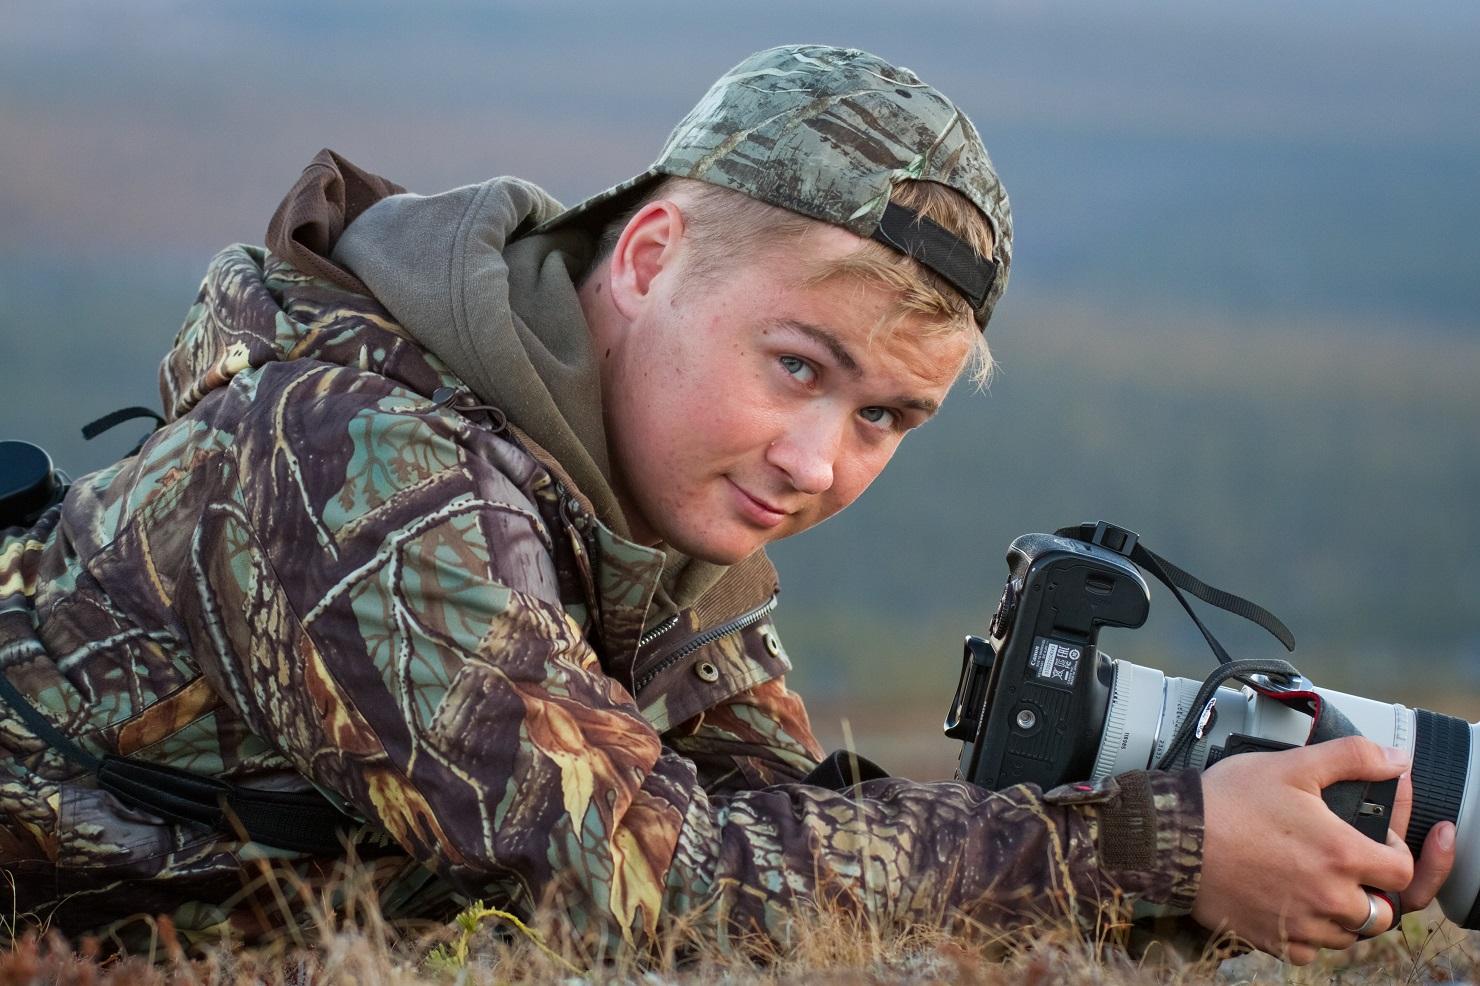 Vuoden nuori lintuharrastaja 2017, Teemu Sirkkala. Kuva: Juho Jolkkonen